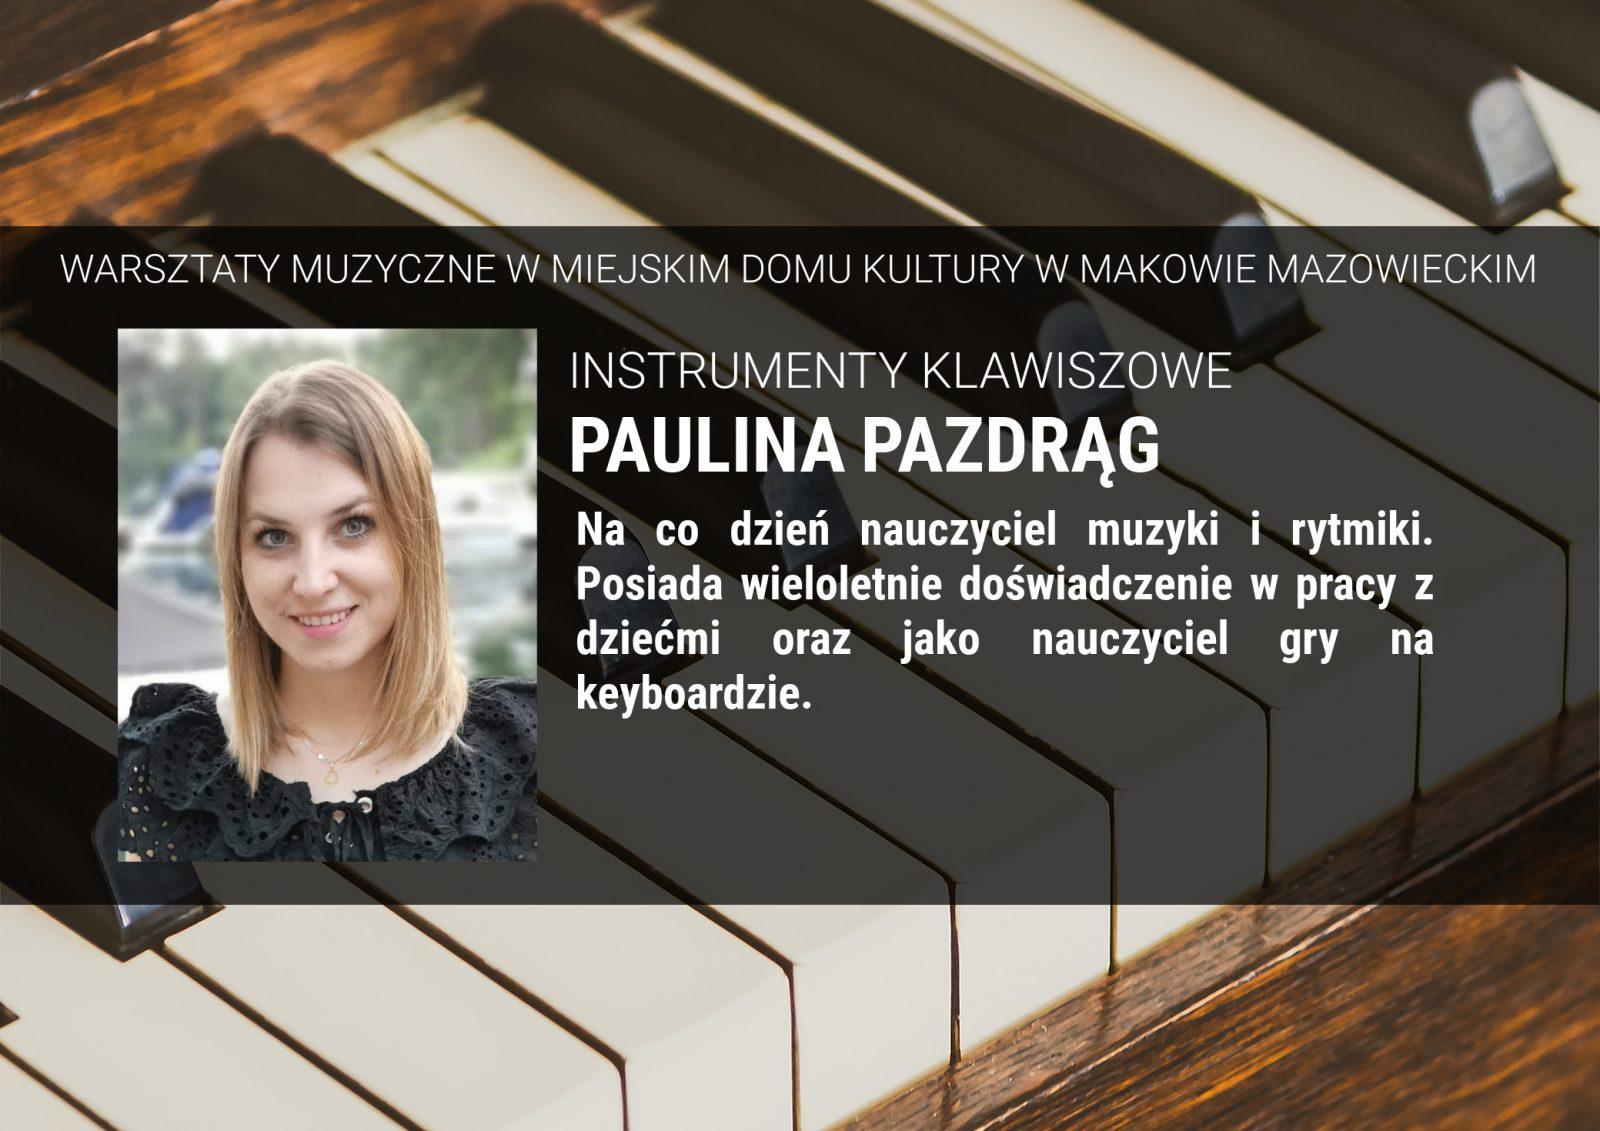 Informacja. Innstruktor Paulina Pazdrąg. Instrumenty klawiszowe